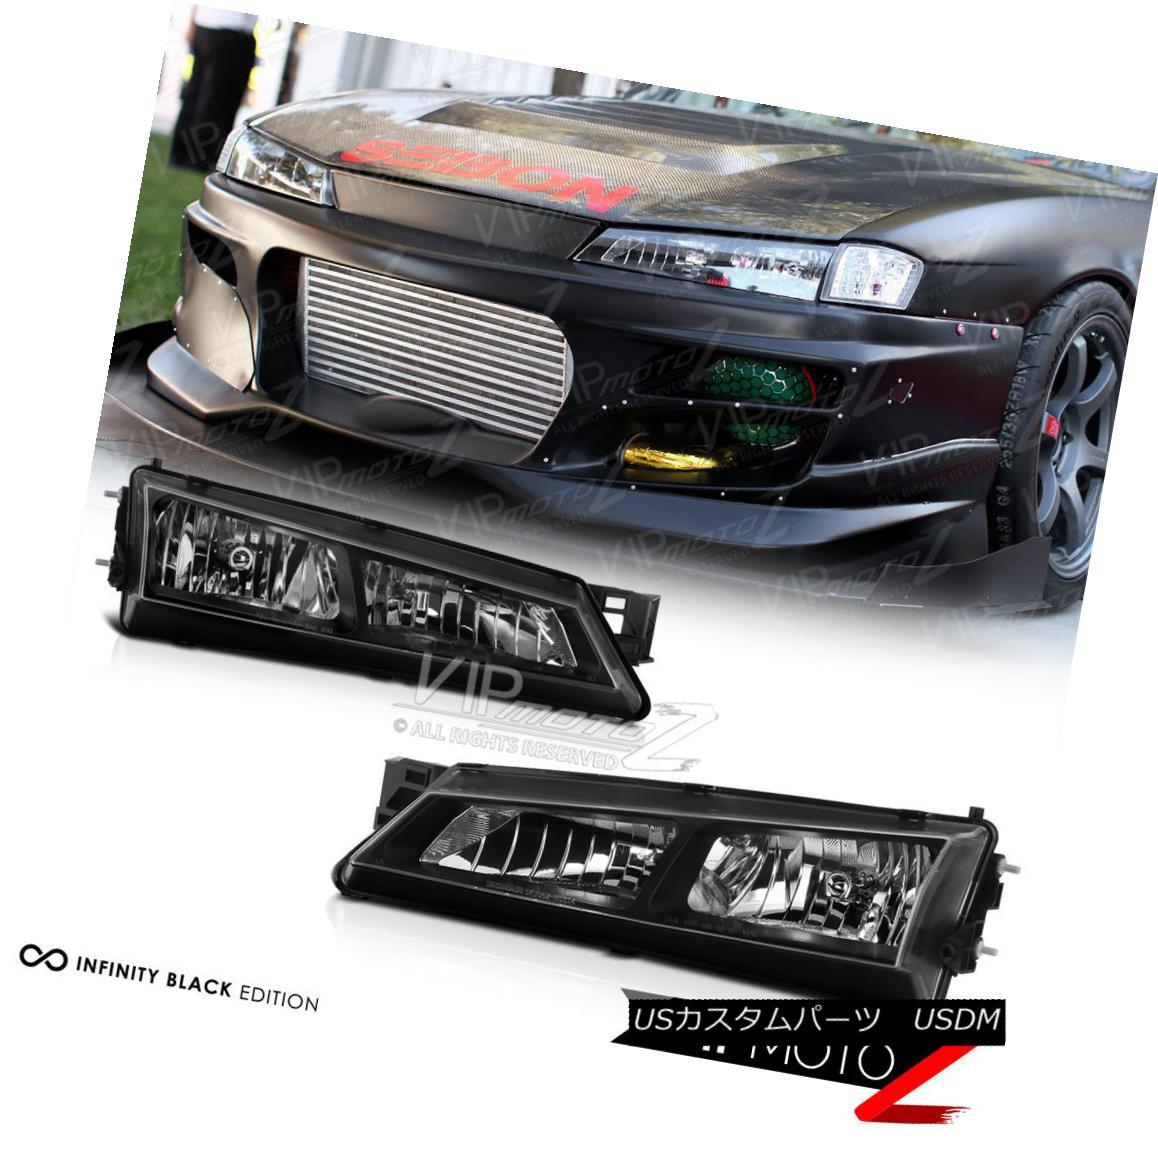 ヘッドライト For 240SX S14 1997-1998 Black Crystal Headlight JDM Silver SR20 KA24 KOUKI 240SX用S14 1997-1998ブラッククリスタルヘッドライトJDMシルバーSR20 KA24 KOUKI